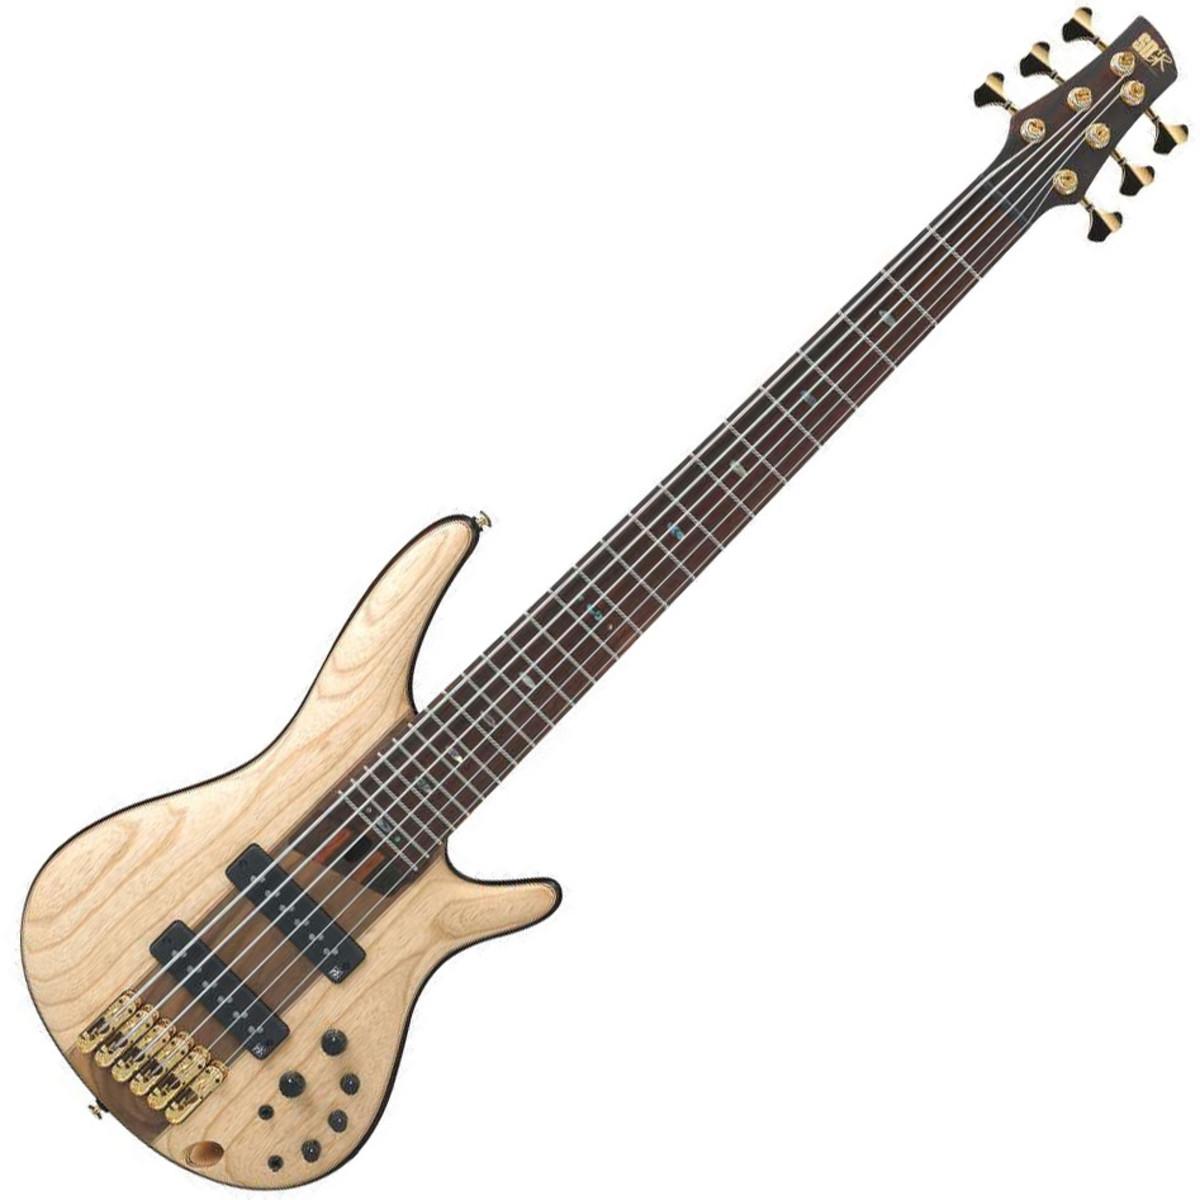 ibanez 2016 sr1306 ntf 6 string premium bass guitar sr natural at. Black Bedroom Furniture Sets. Home Design Ideas